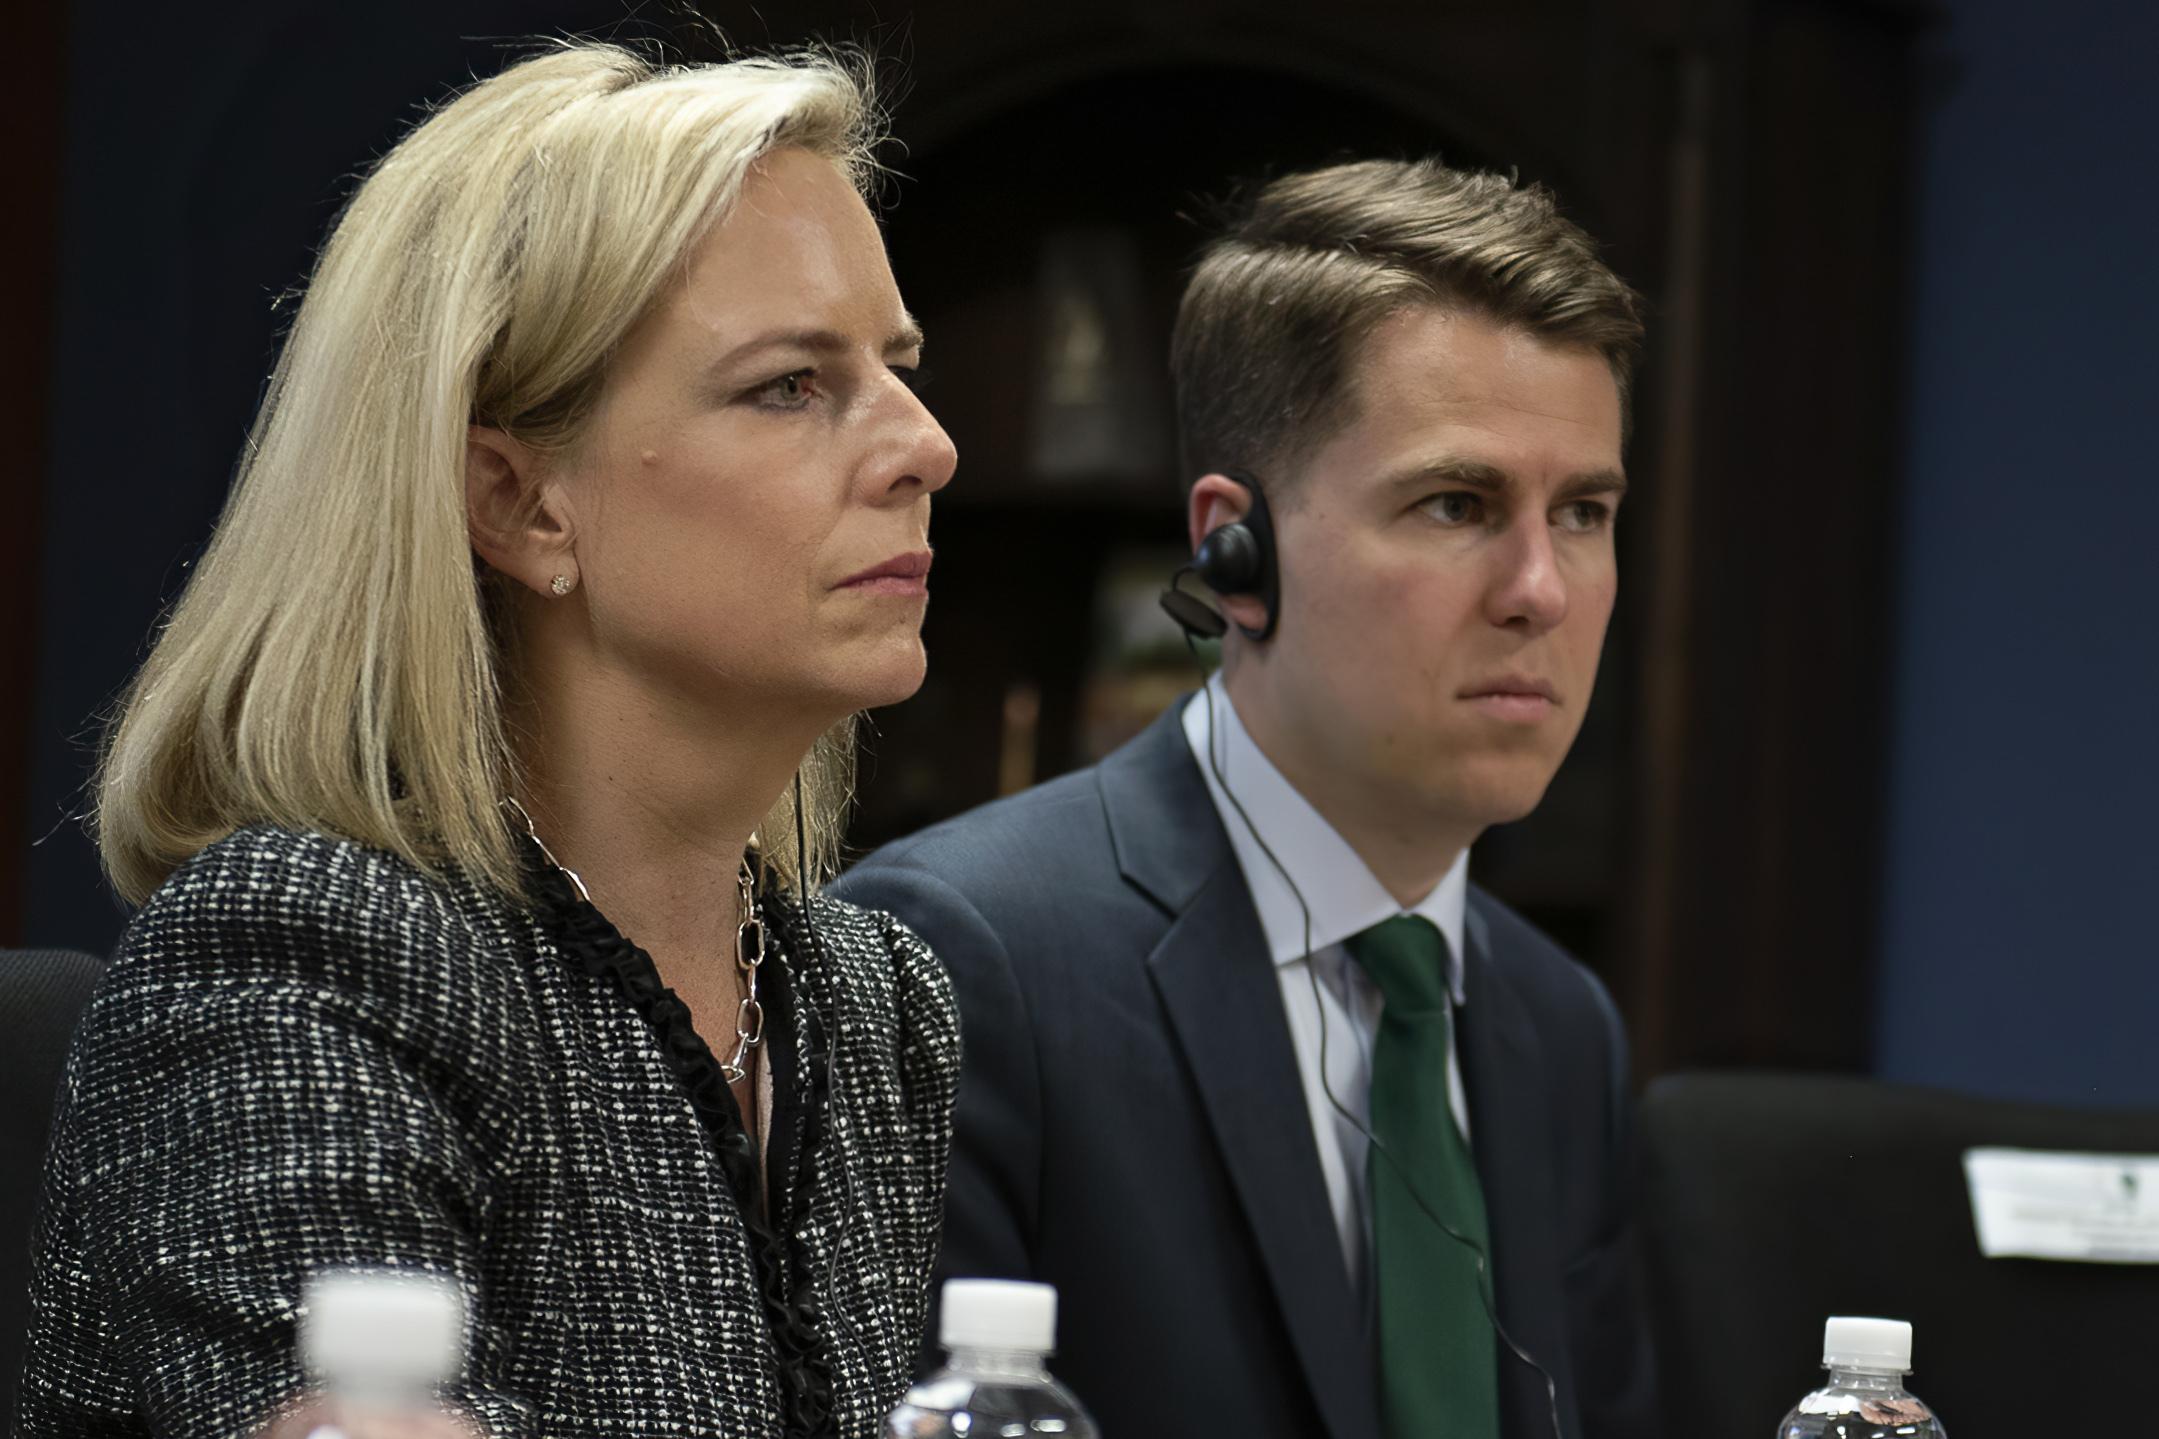 國土安全部前幕僚長泰勒(右)突然承認,他就是當年匿名在《紐約時報》發表文章,狠批總統特朗普的官員。左為當時的國安部長尼爾森。    美聯社